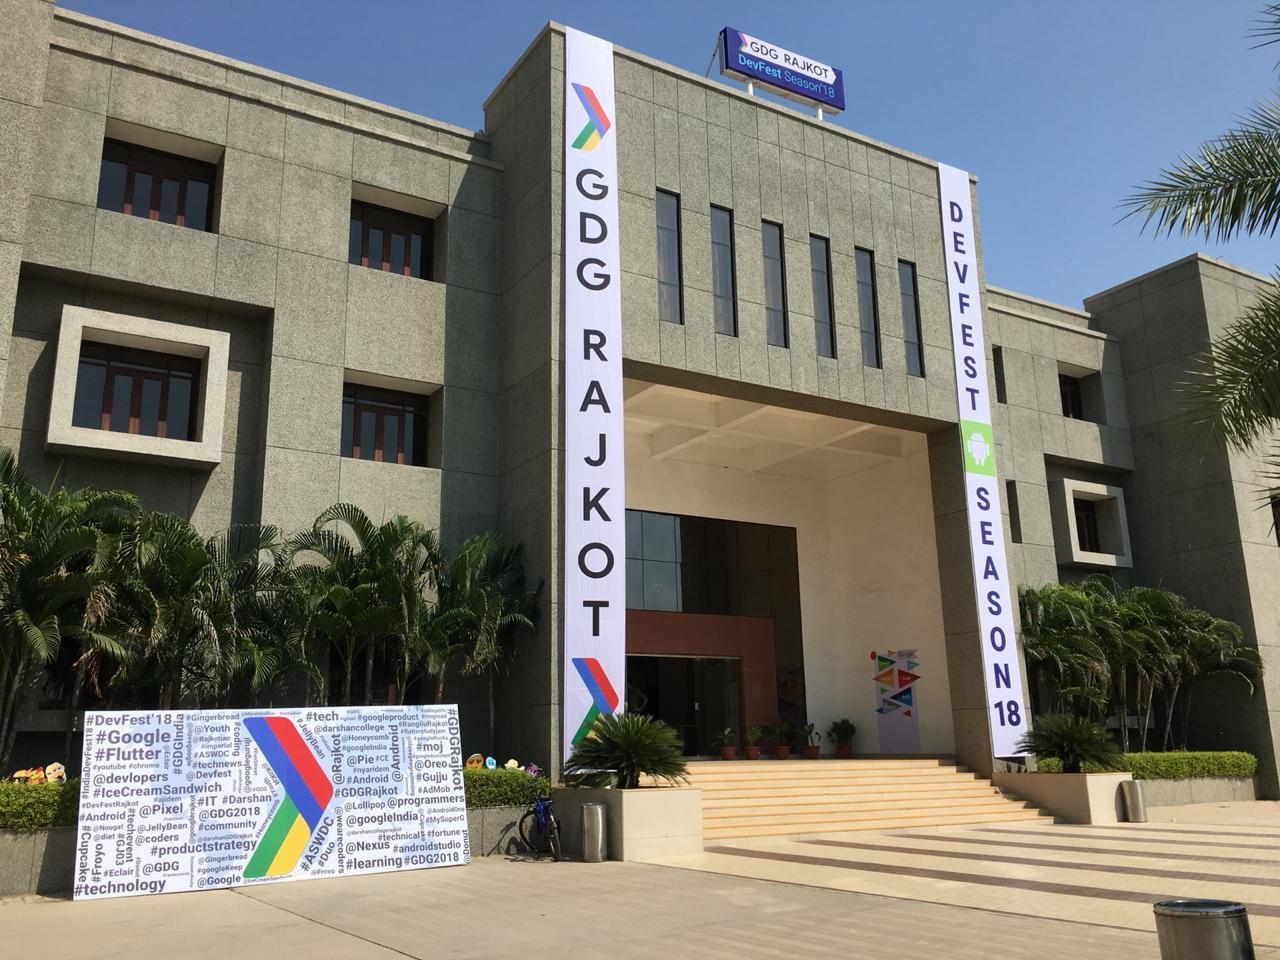 GDC-rajkot-dershan-college